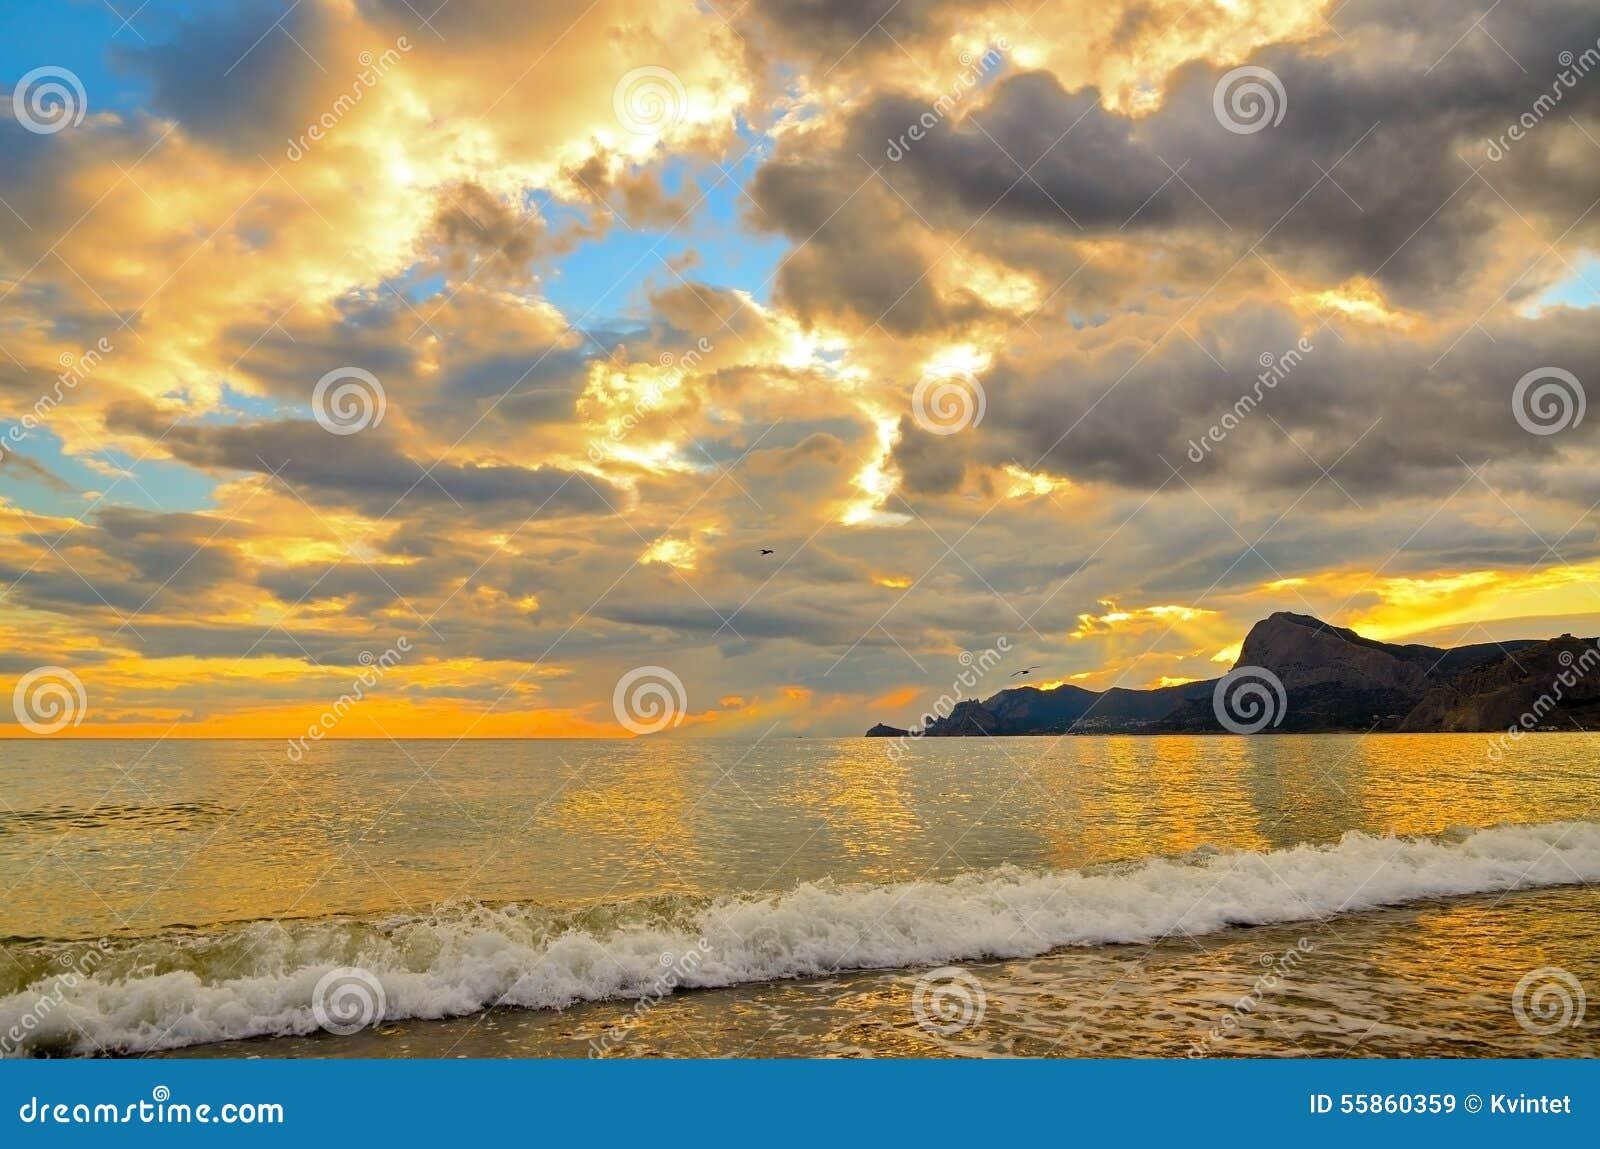 Gouden zonsondergang op de kust van de Zwarte Zee in de Krim, overzeese golf